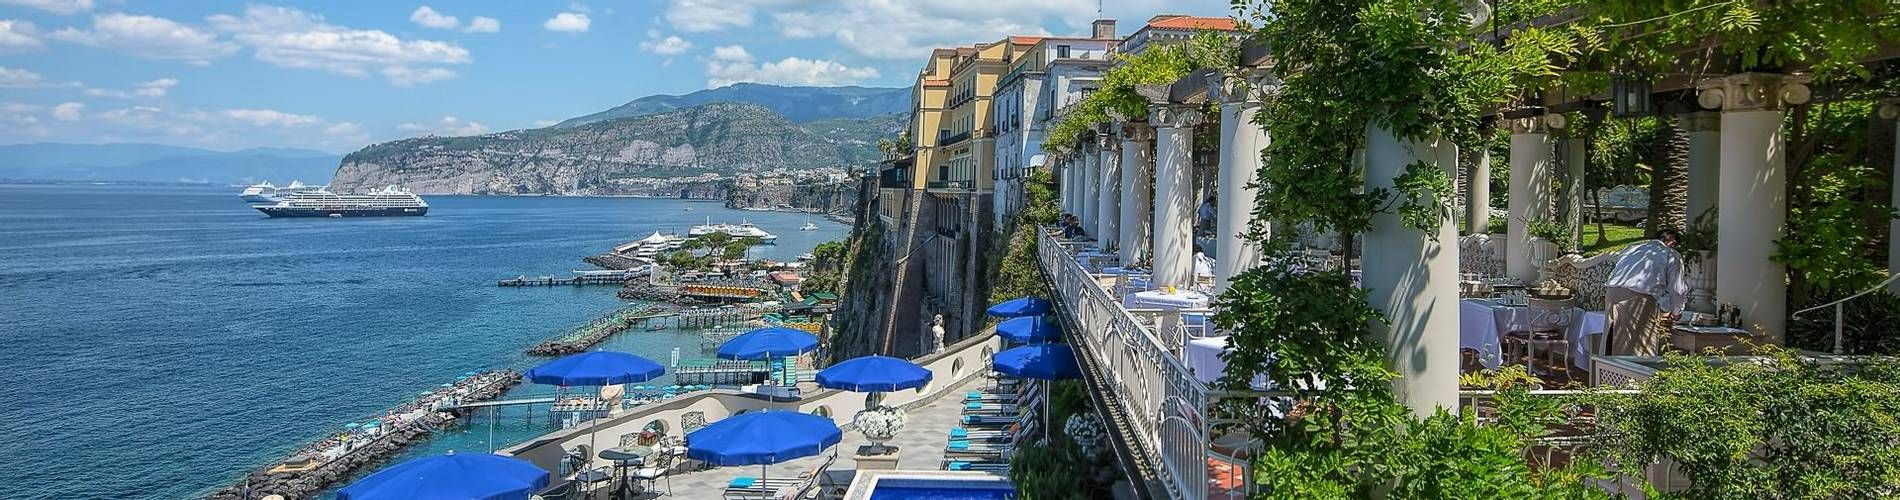 Bellevue Syrene, Sorrento, Italy (43).jpg